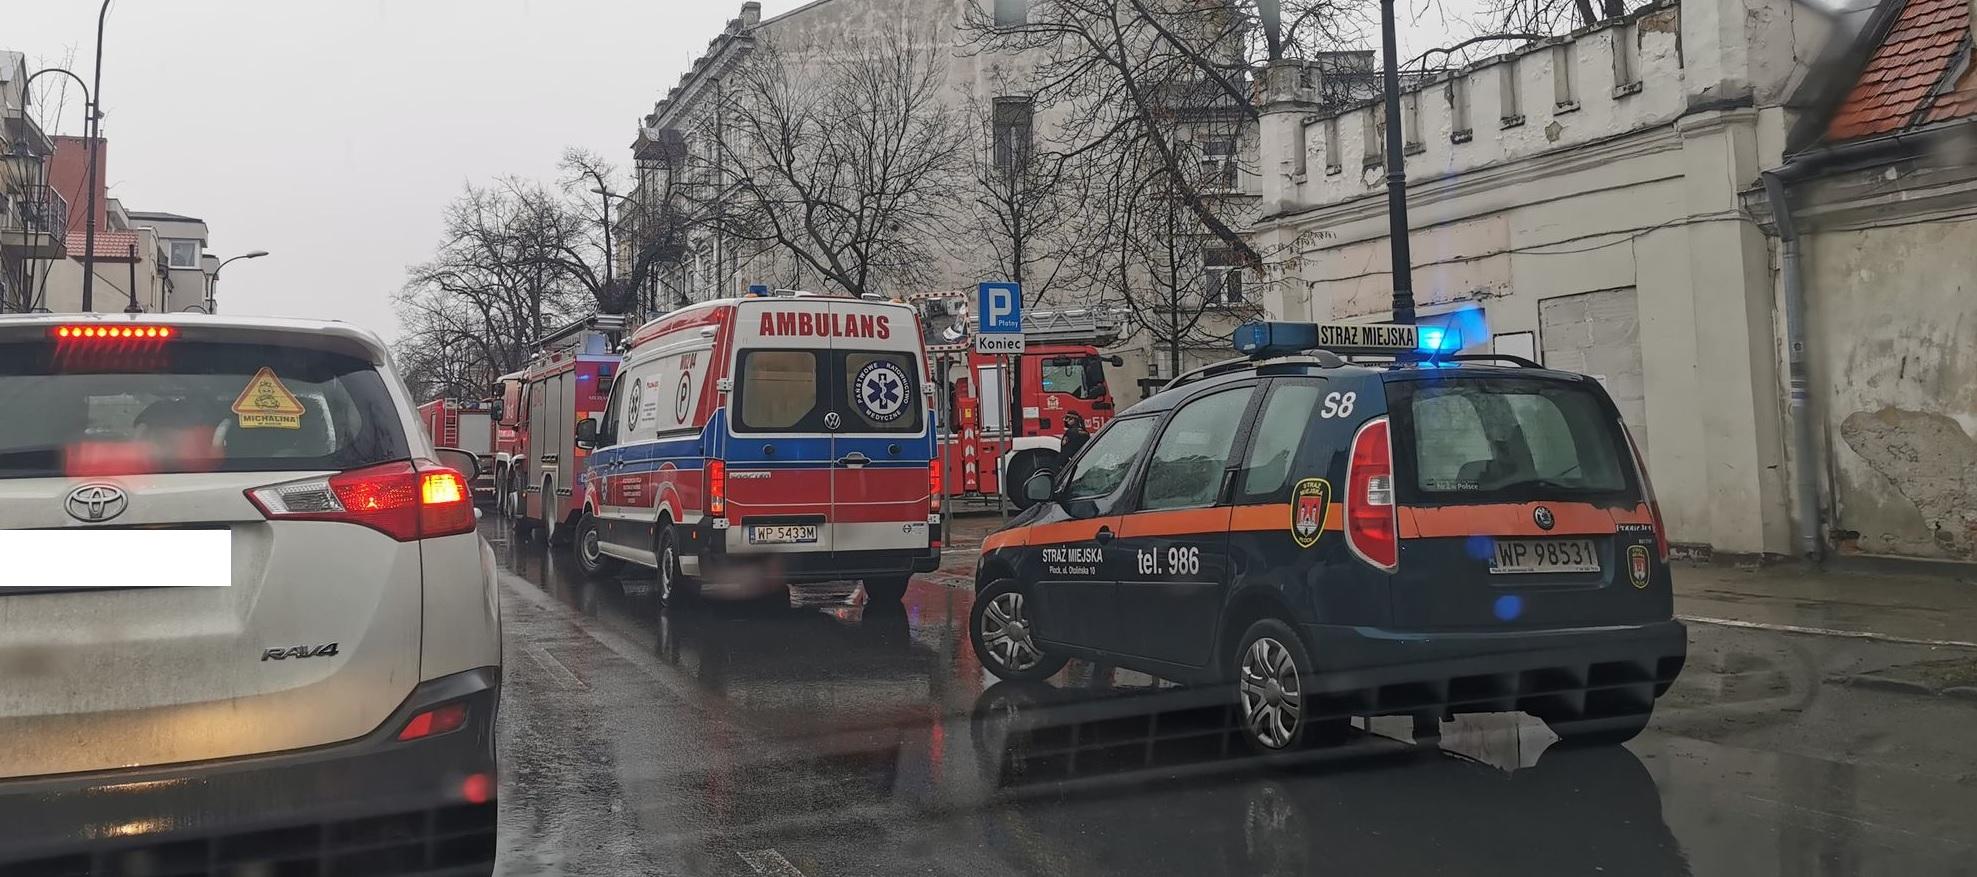 Pożar w centrum miasta. Mężczyzna został przewieziony do szpitala  - Zdjęcie główne